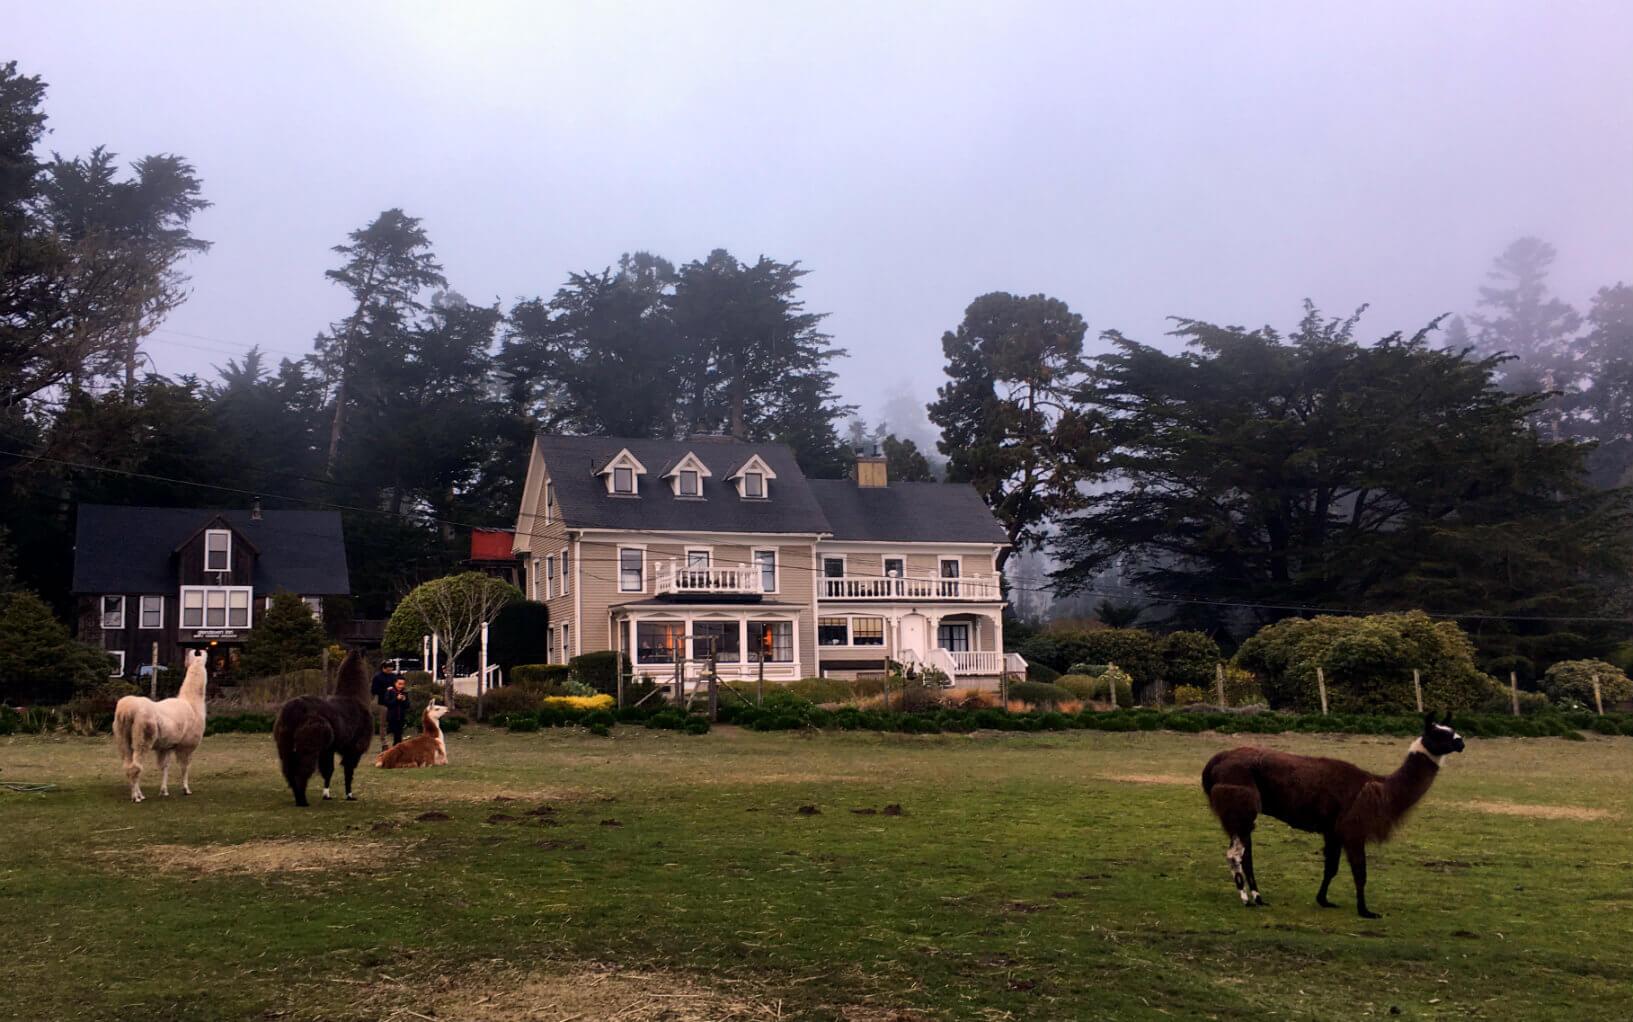 Glendeven Inn and Inn at the Cobbler's Walk in Mendocino, California